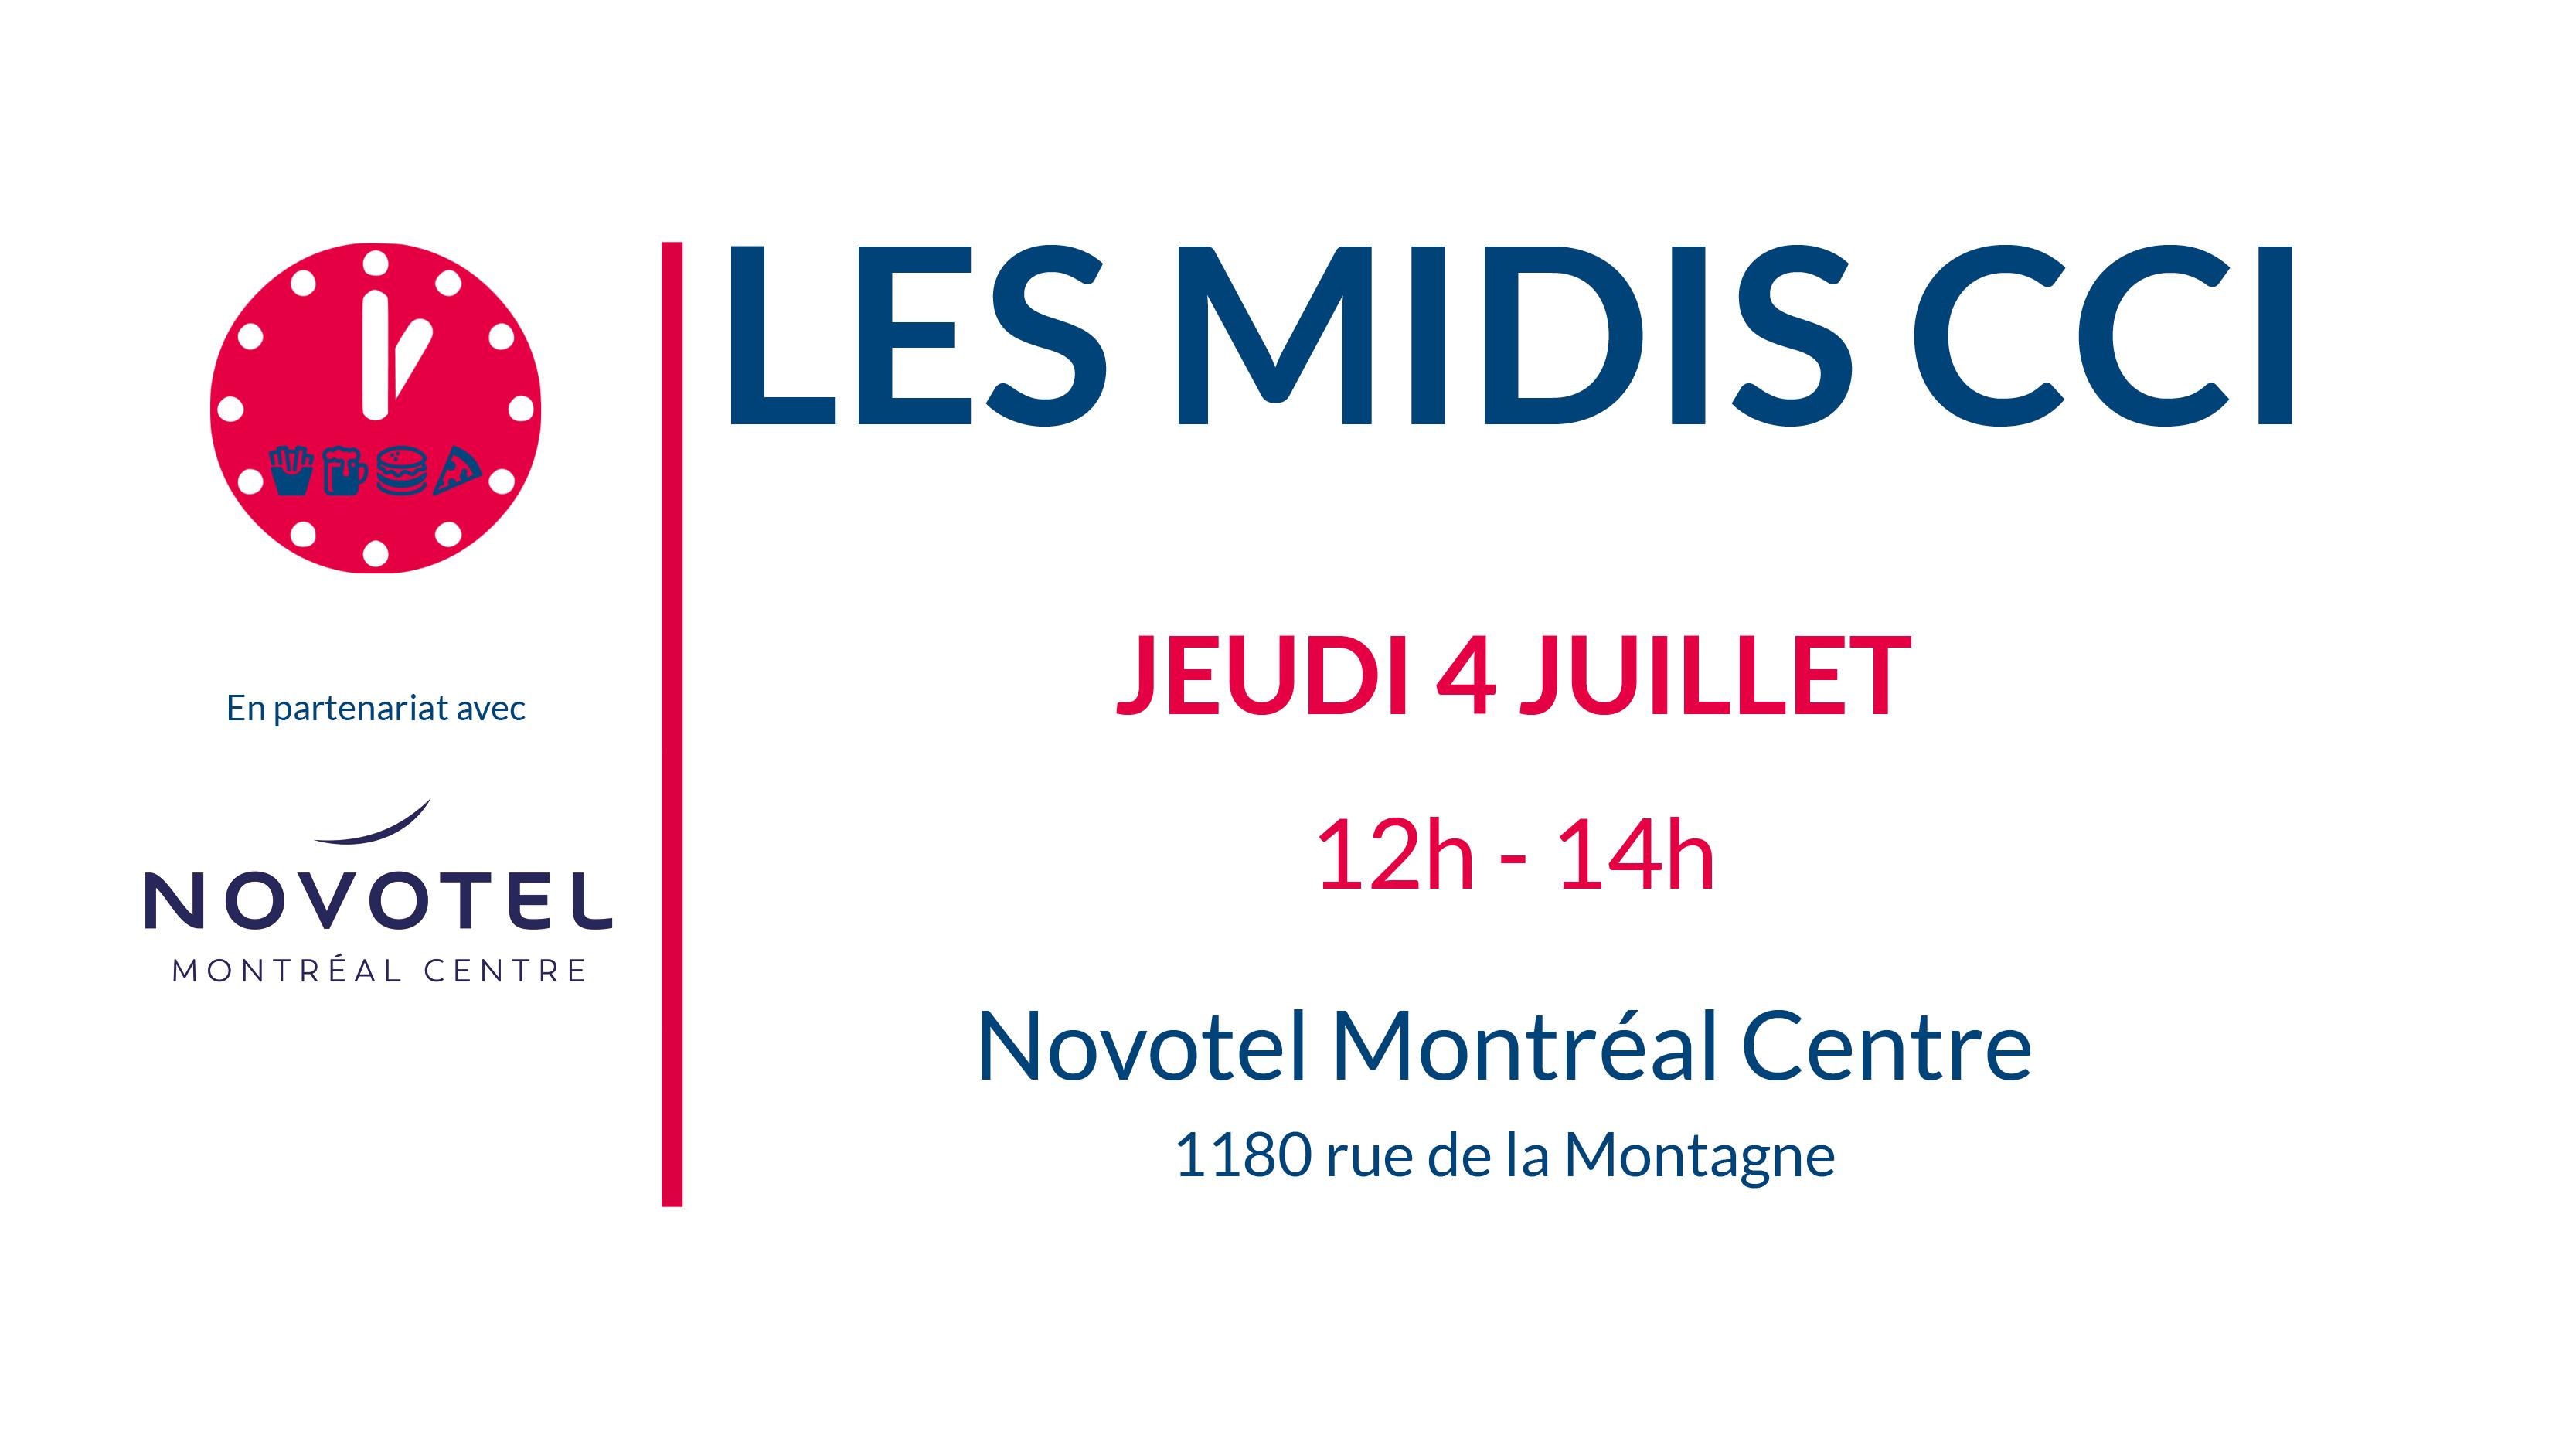 Midis CCI : troisième édition au Novotel Montréal Centre